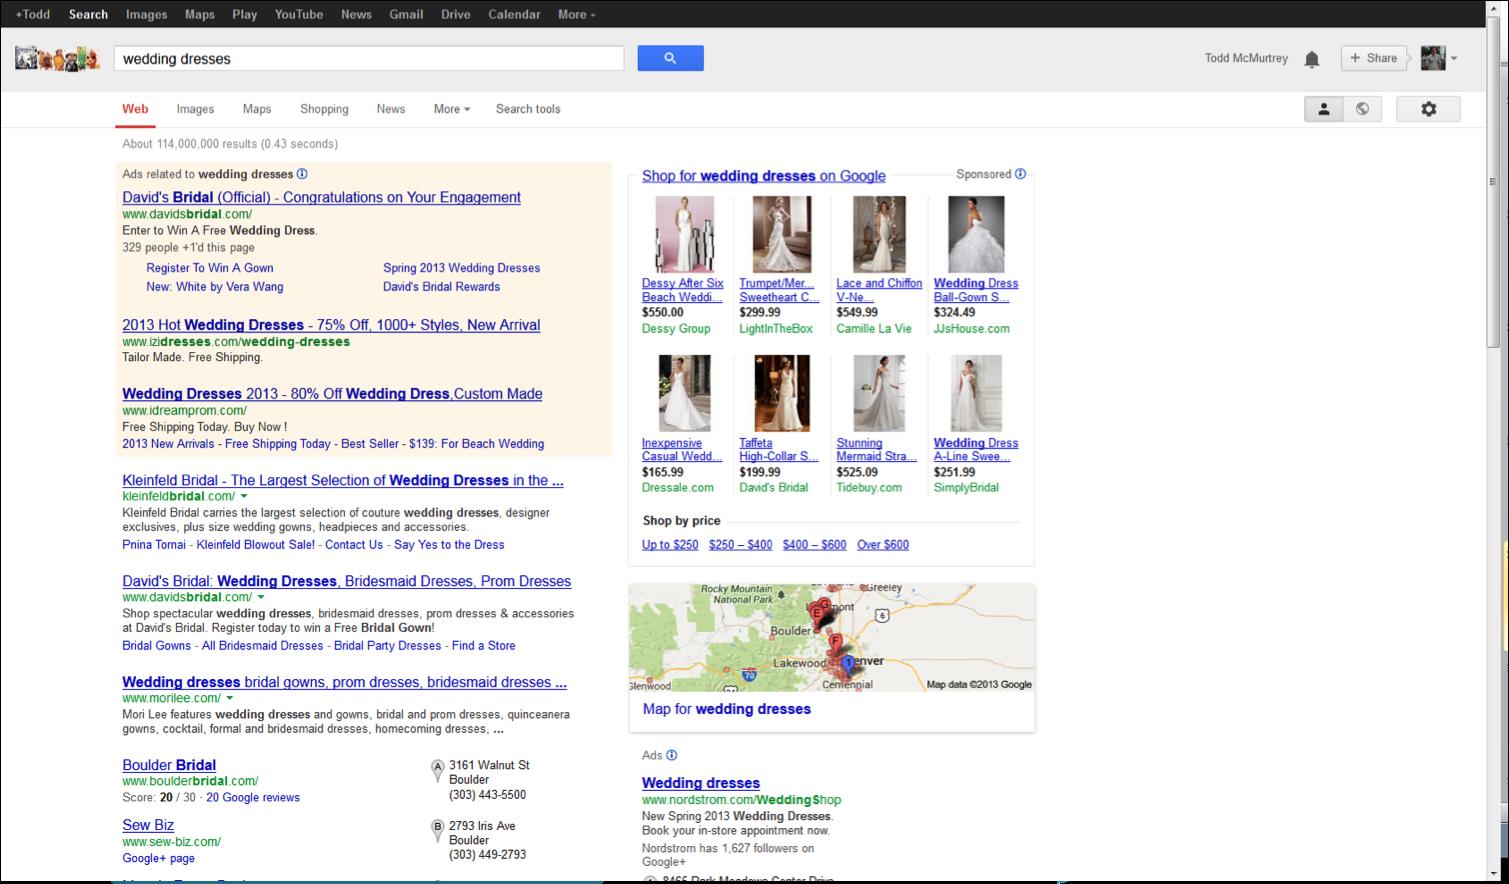 Google-SERP.png